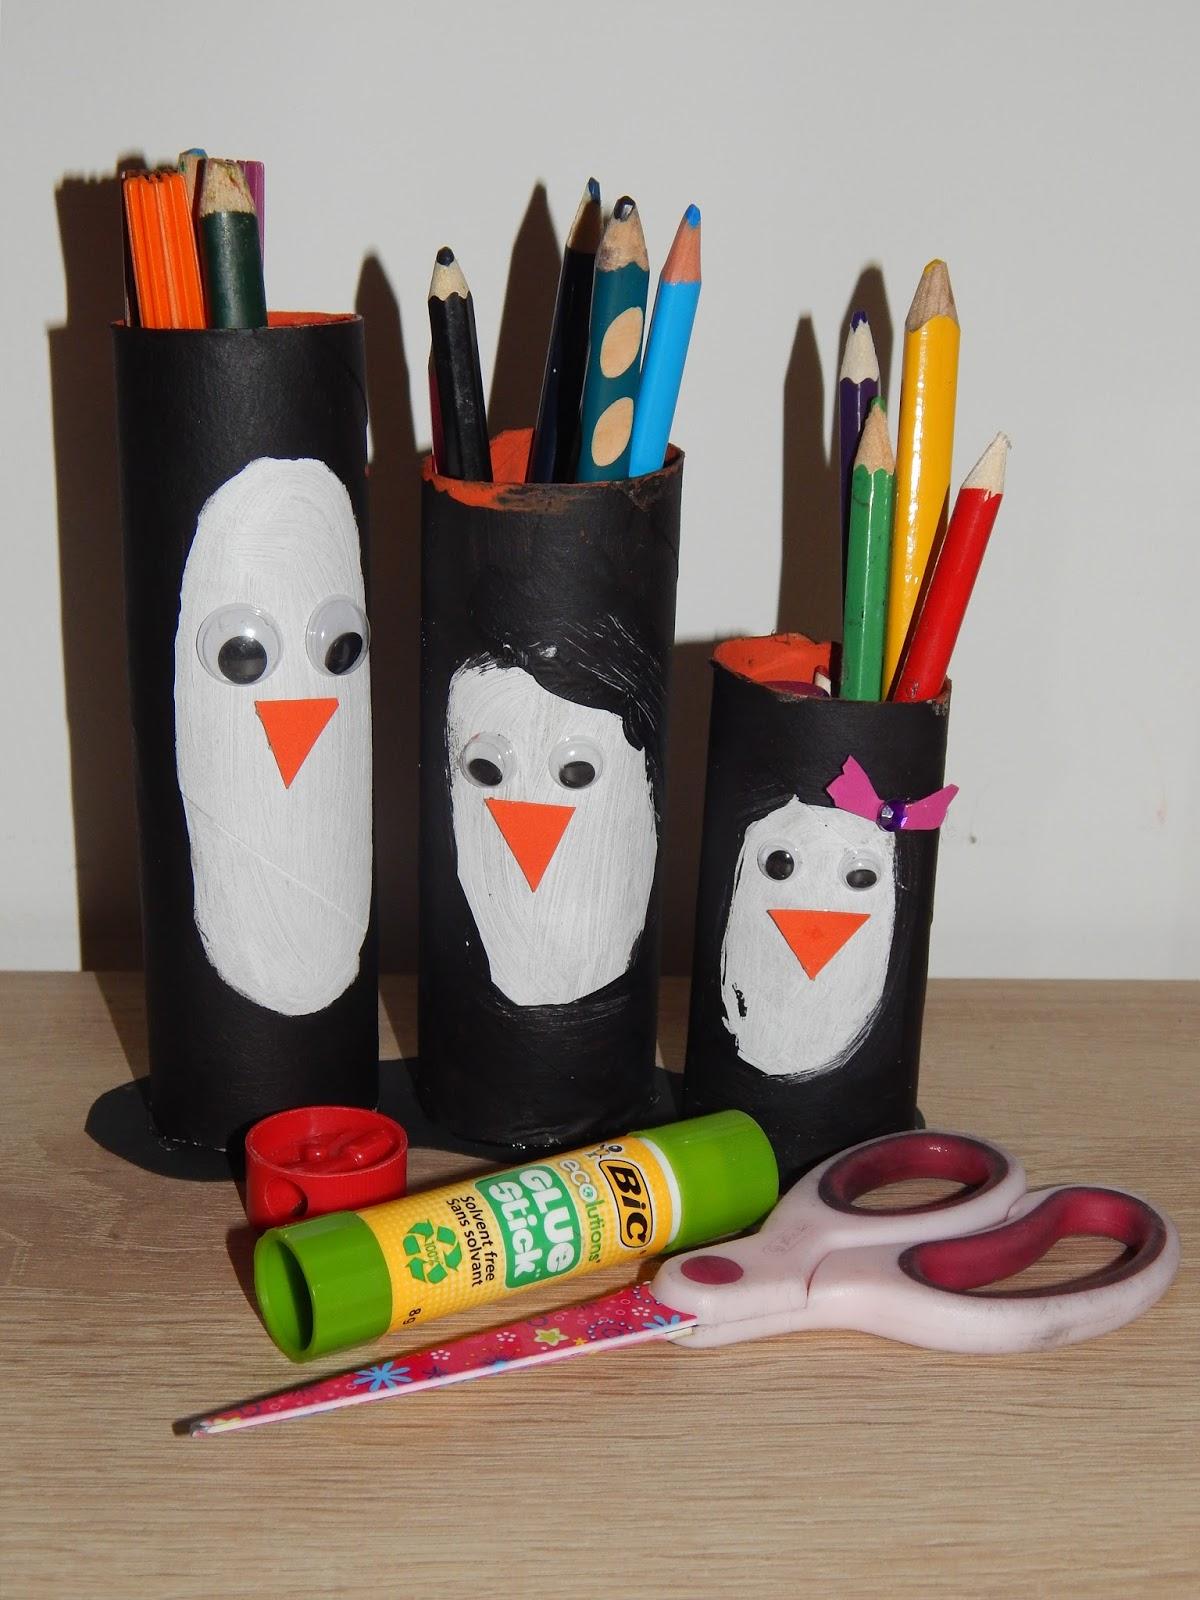 Familie Und Mehr Bastelidee Zum Welt Pinguin Tag